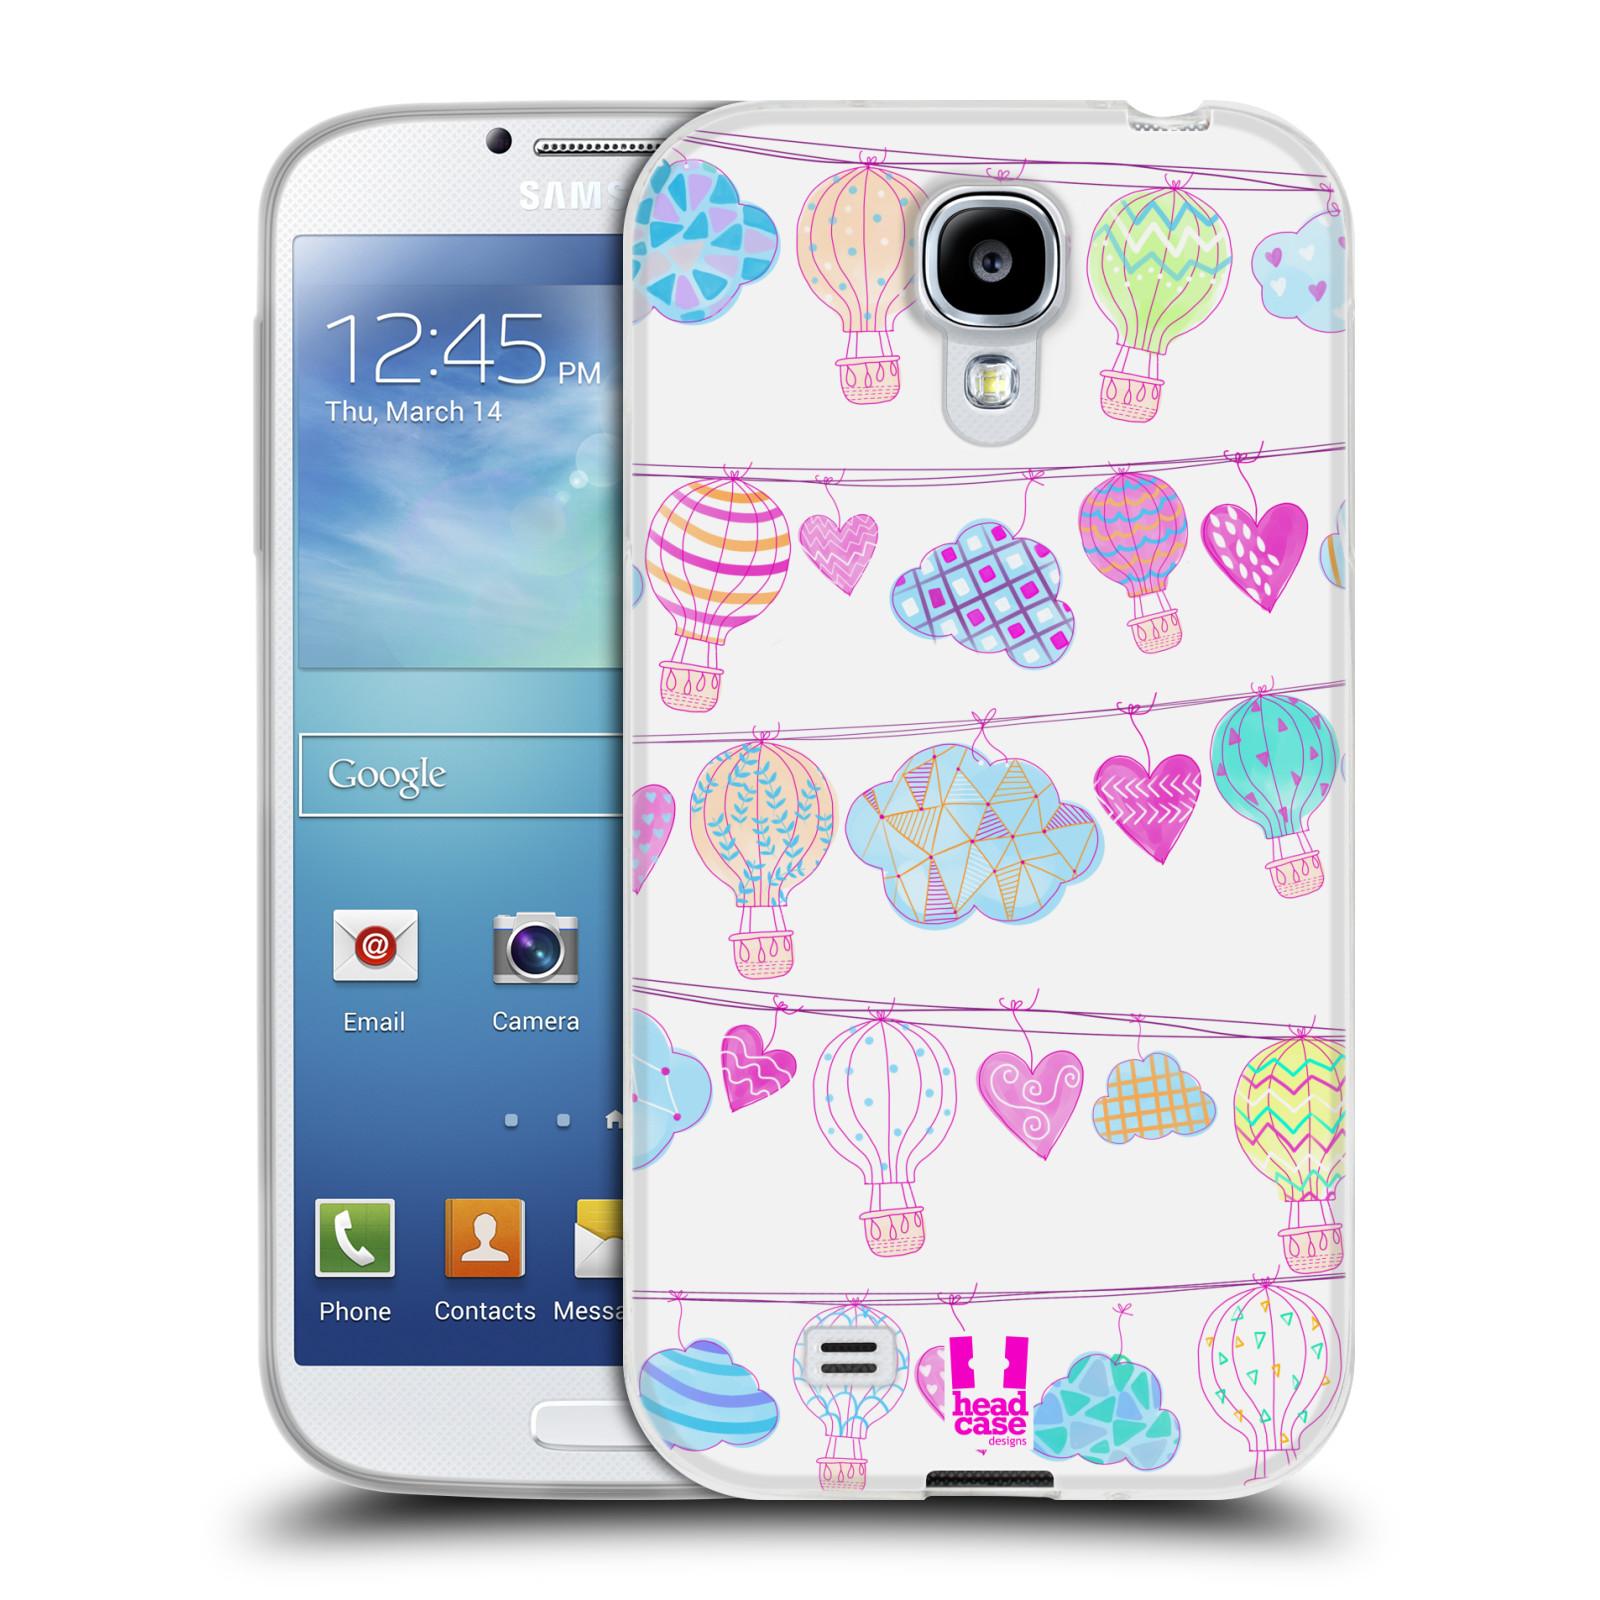 Silikonové pouzdro na mobil Samsung Galaxy S4 HEAD CASE Balóny a srdíčka (Silikonový kryt či obal na mobilní telefon Samsung Galaxy S4 GT-i9505 / i9500)